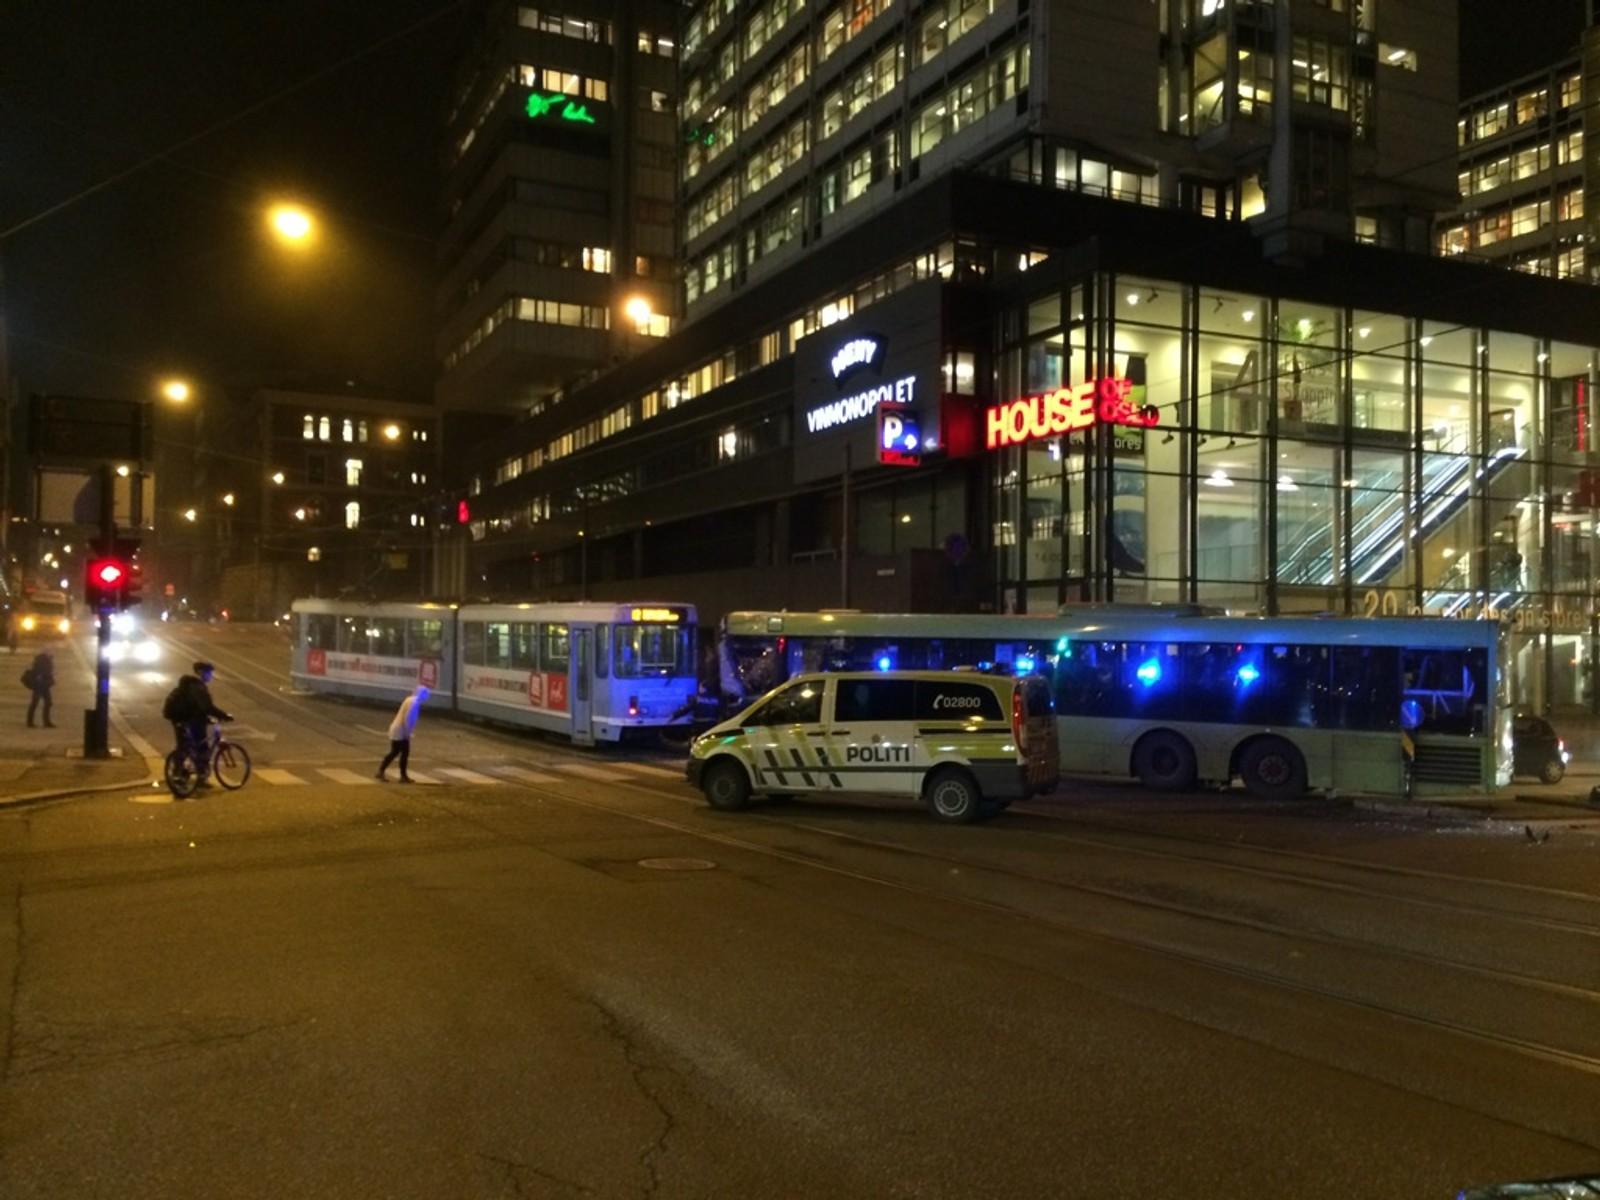 Ulykken skjedde da bussen kjørte på rødt lys og traff trikken i siden.